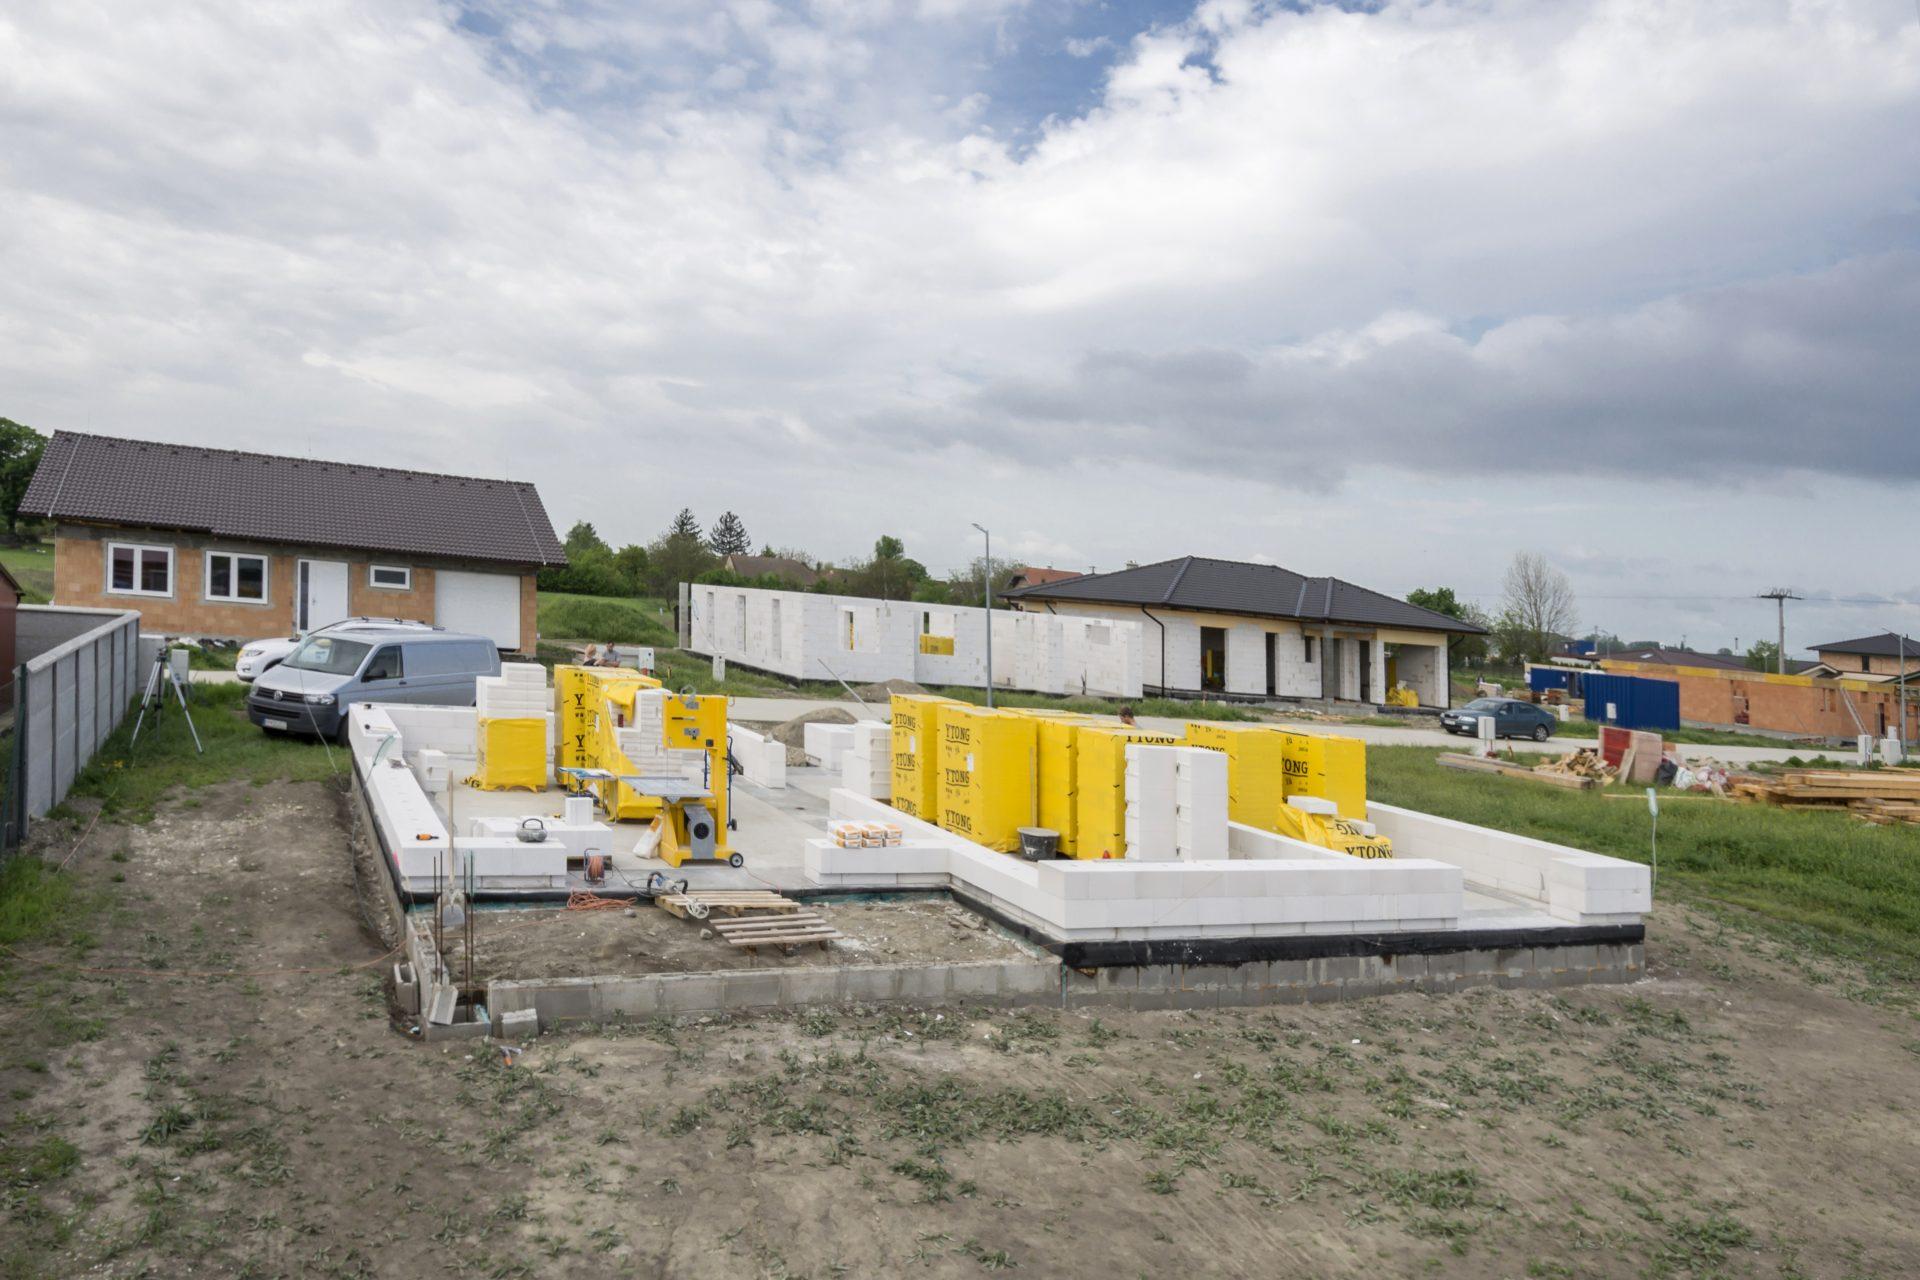 zaklady-dom-ytong-komin-stavba-novostavba